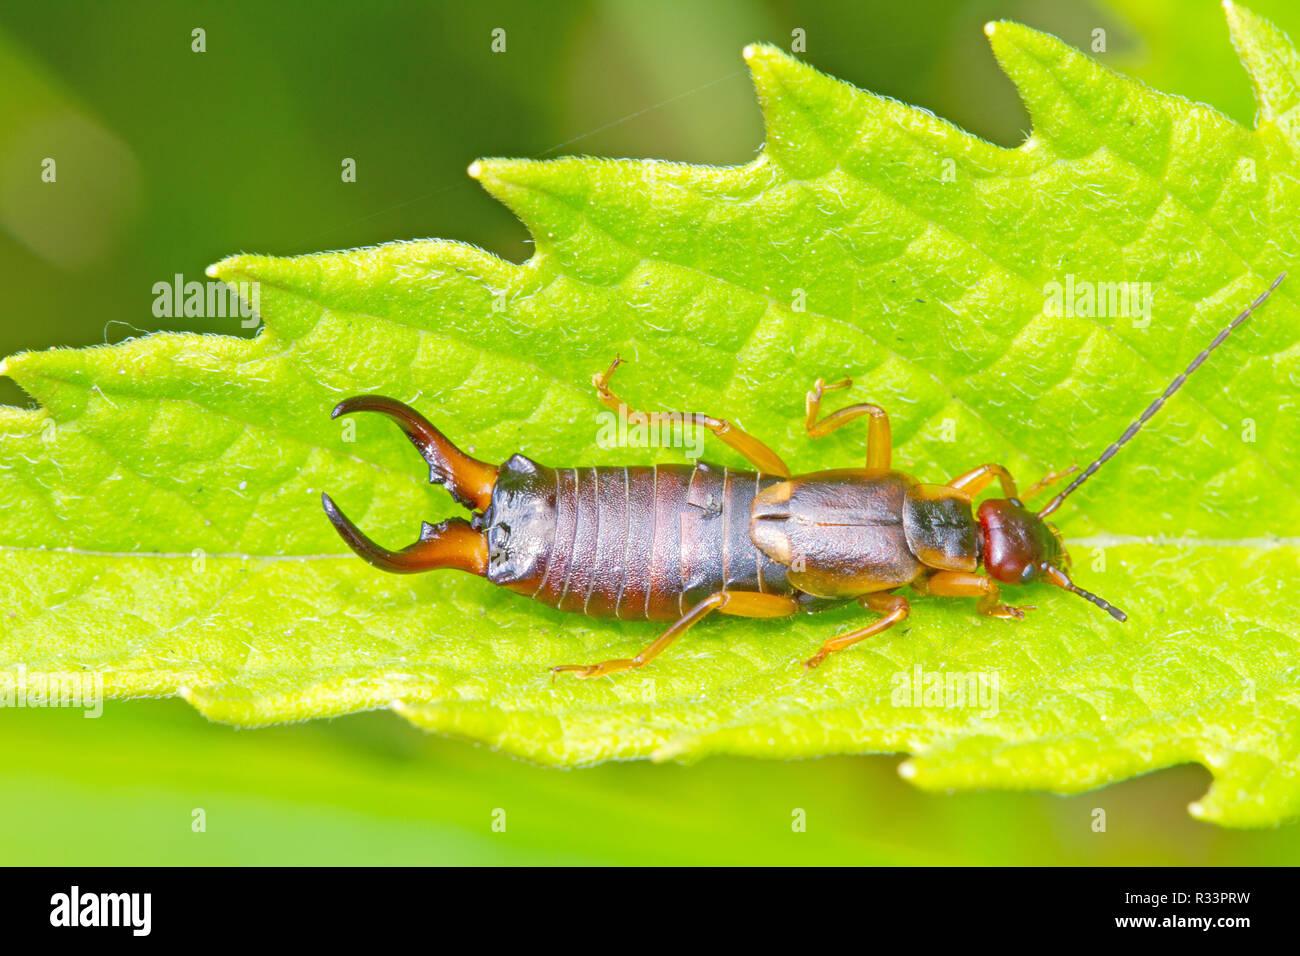 common earwig - Stock Image